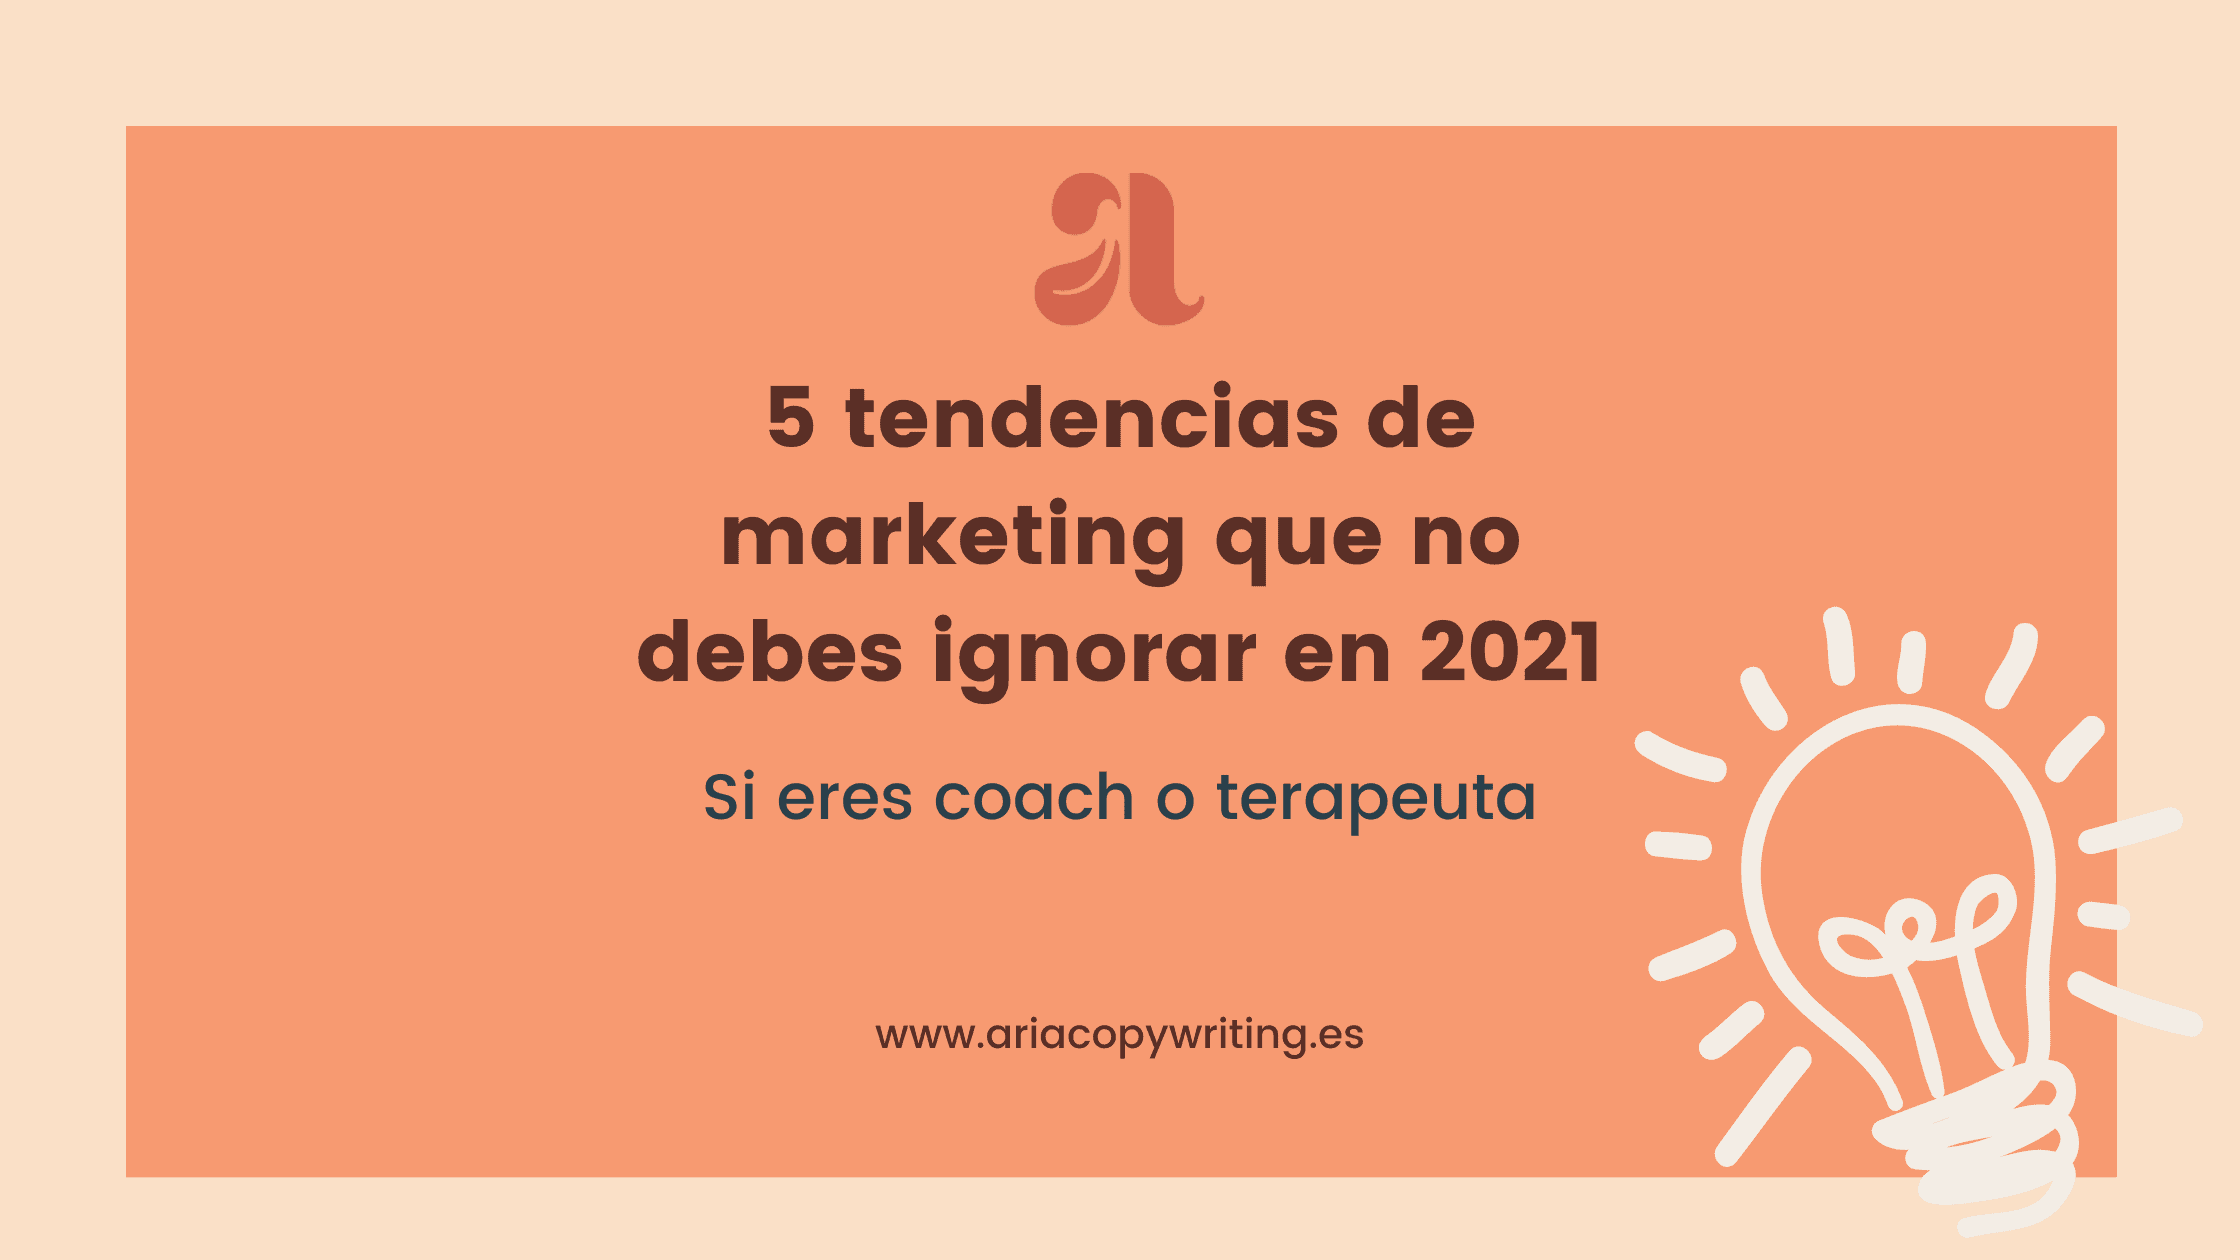 5 tendencias de marketing para coaches en 2021